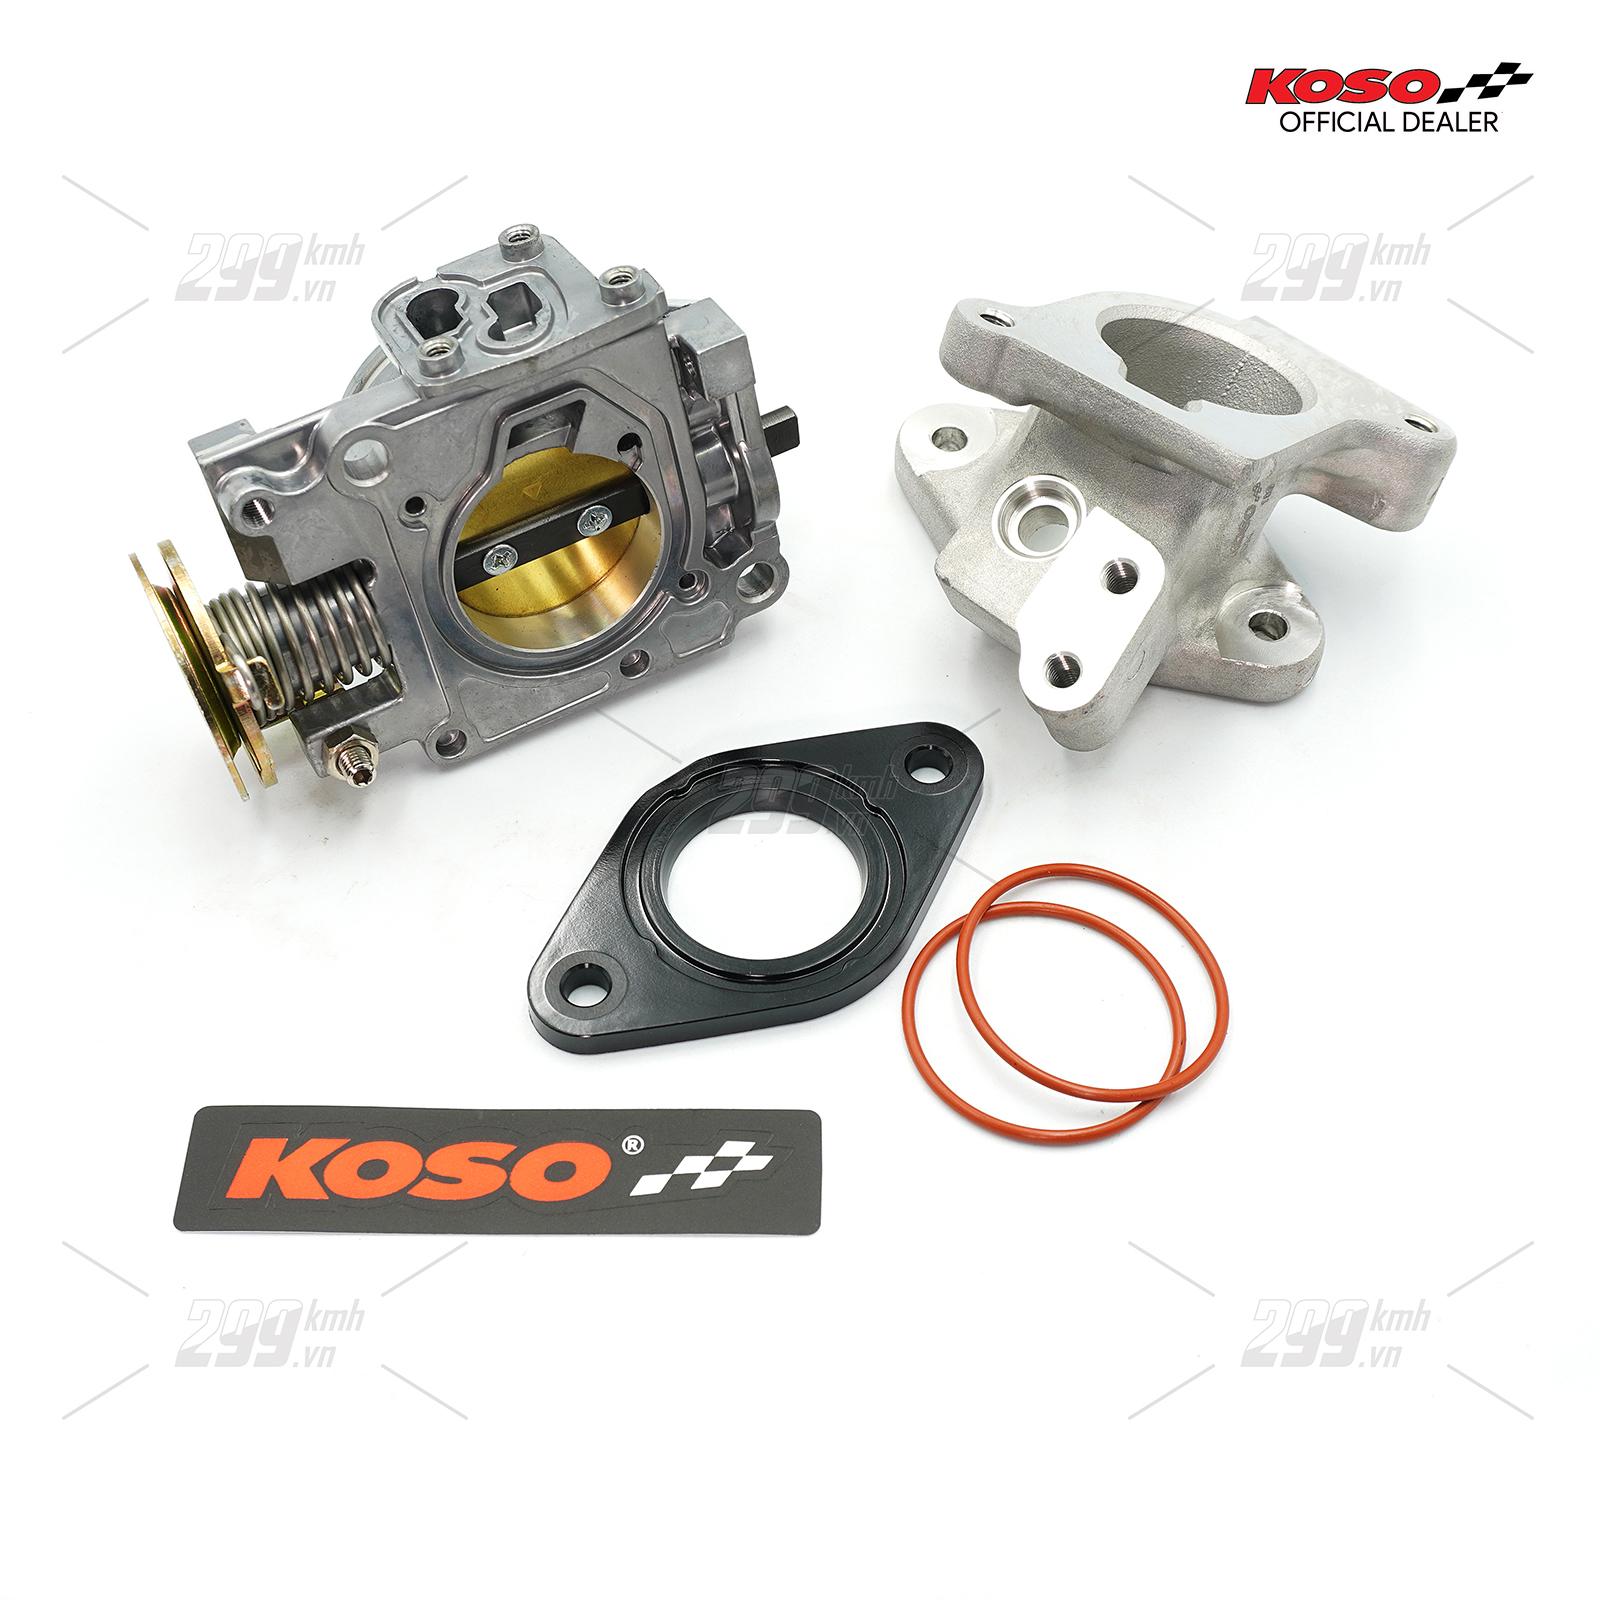 [WINNER] Họng xăng độ 34mm Koso Racing cho Winner, Winner X, Sonic